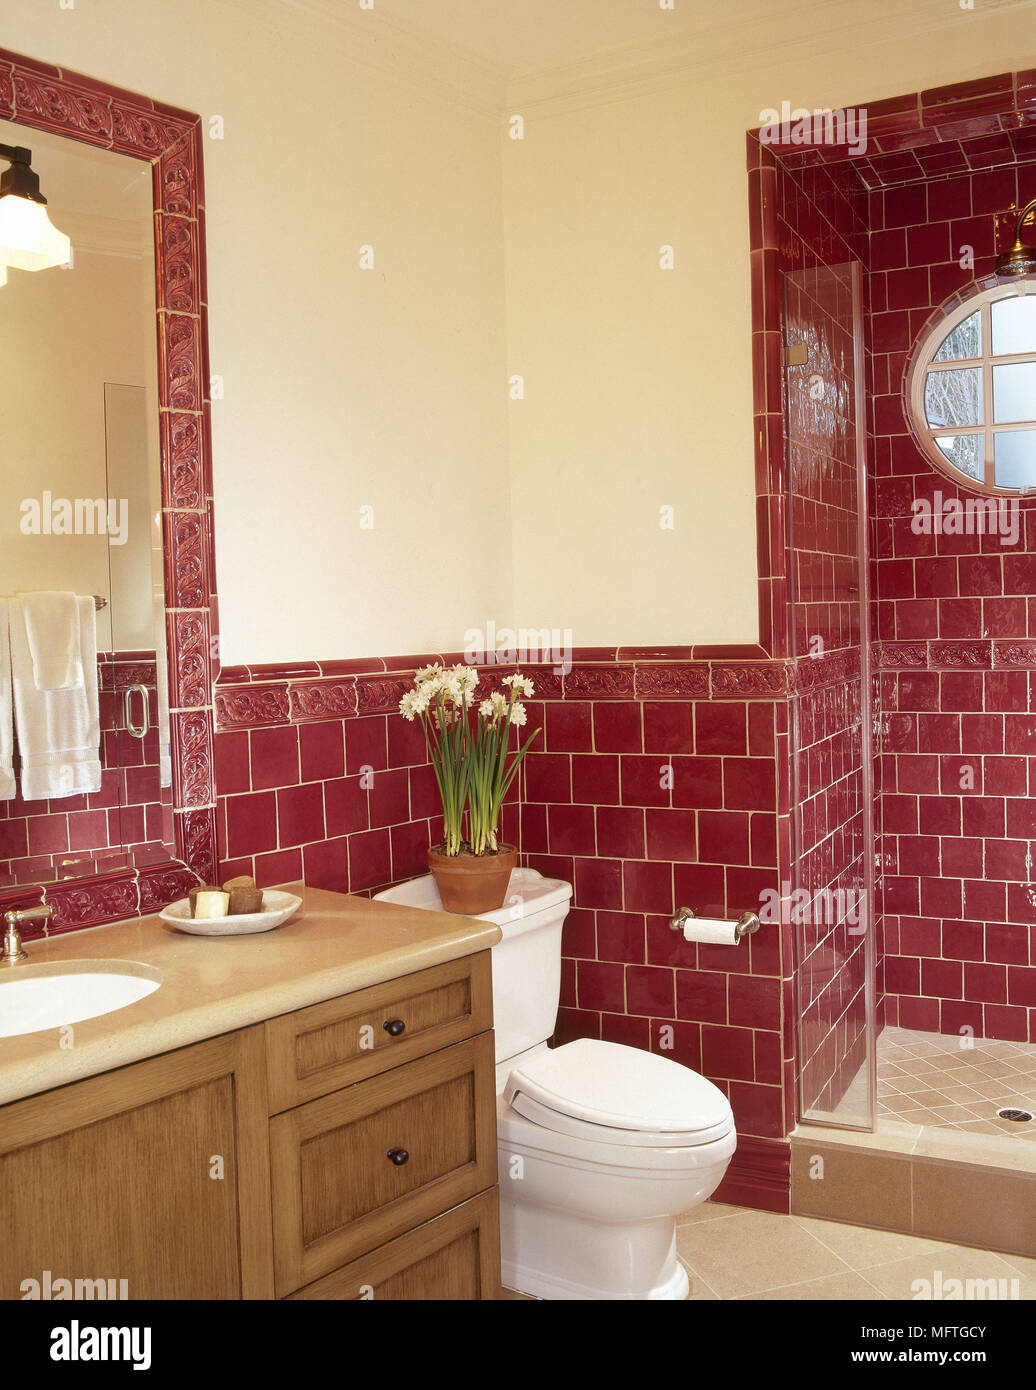 Traditionelle Bad roten Fliesen Dusche Waschbecken Schrank ...